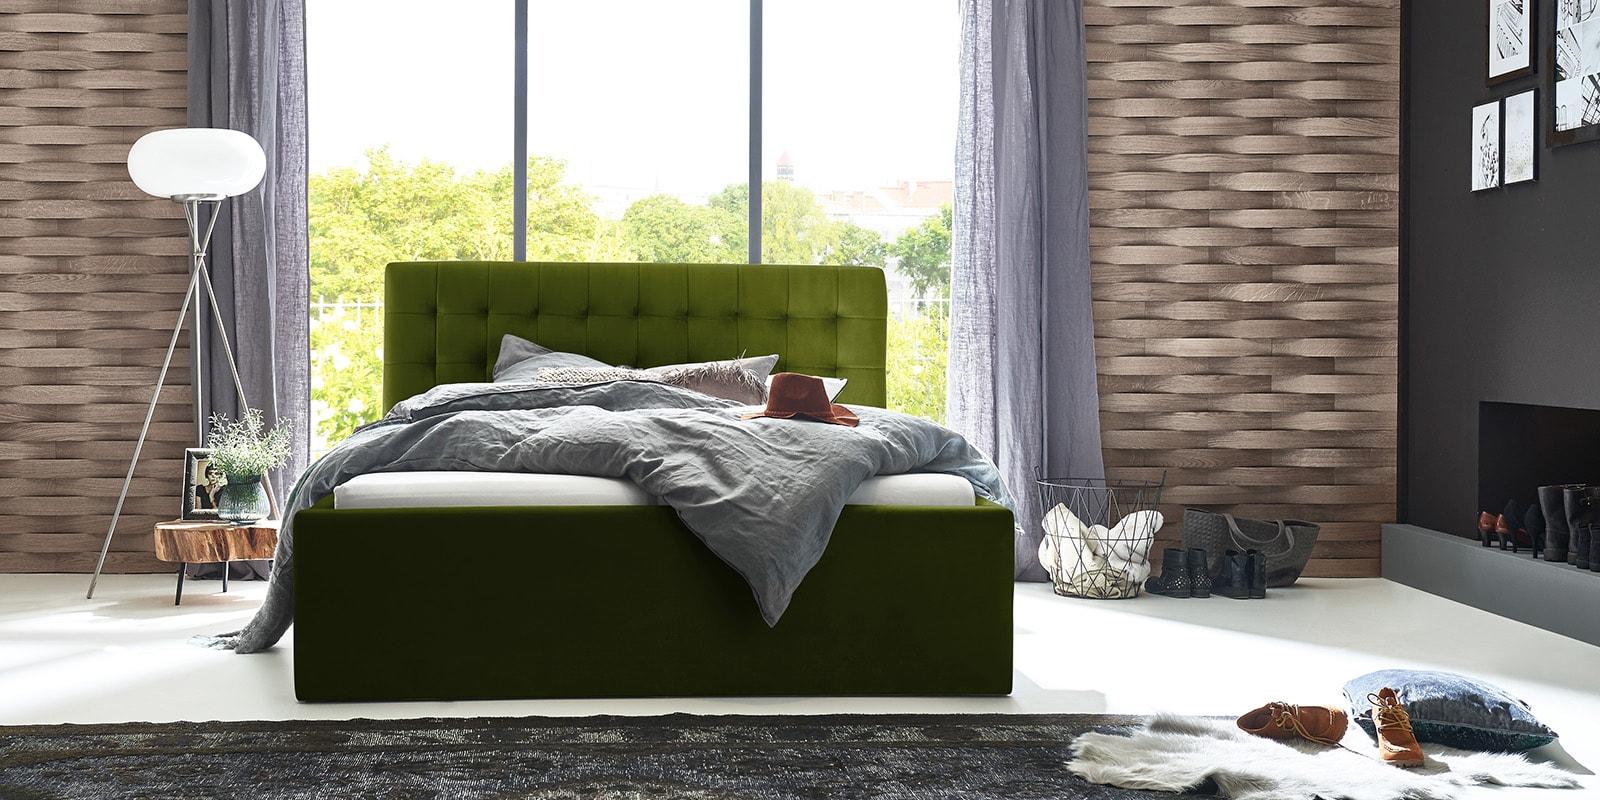 Moebella24 - Bett - mit - Bettkasten - Molly - Samt - Oliv - Stauraum - Bettkasten - und - Lattenrost - vormontiert - verstärkte - Dämpfer - Frontal